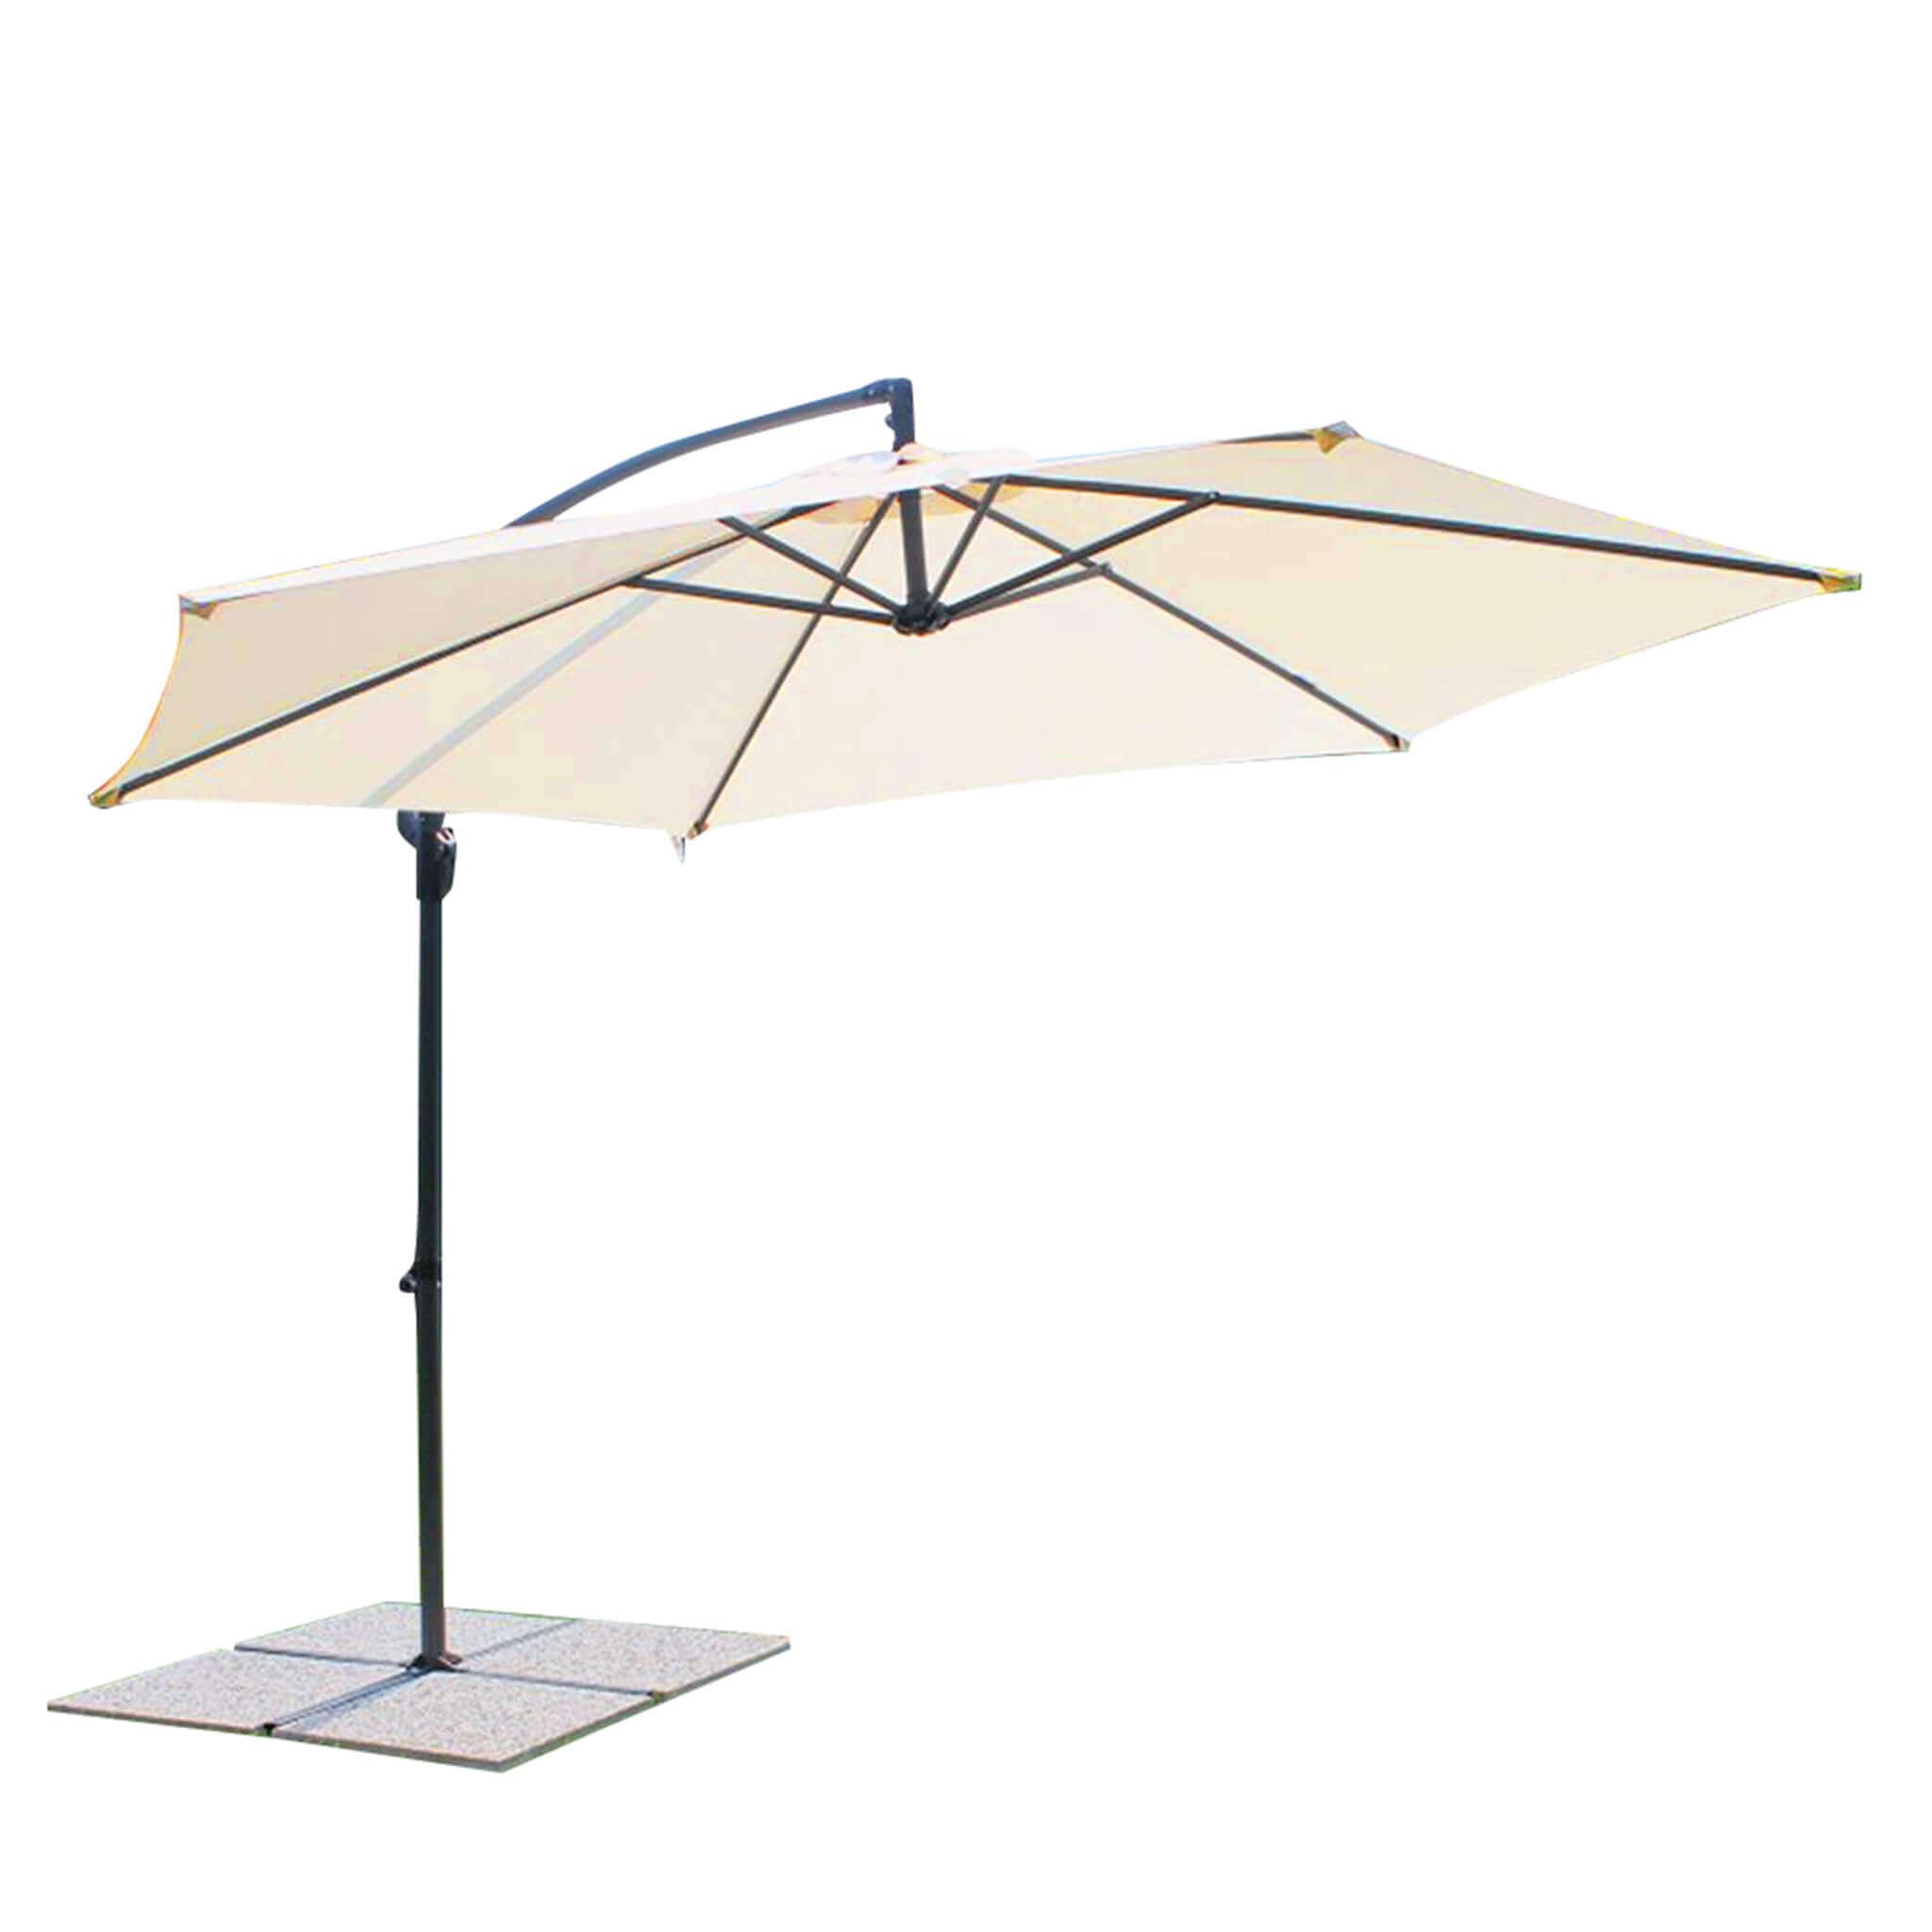 Milani Home DELPHINUS - ombrellone da giardino ø 3 decentrato